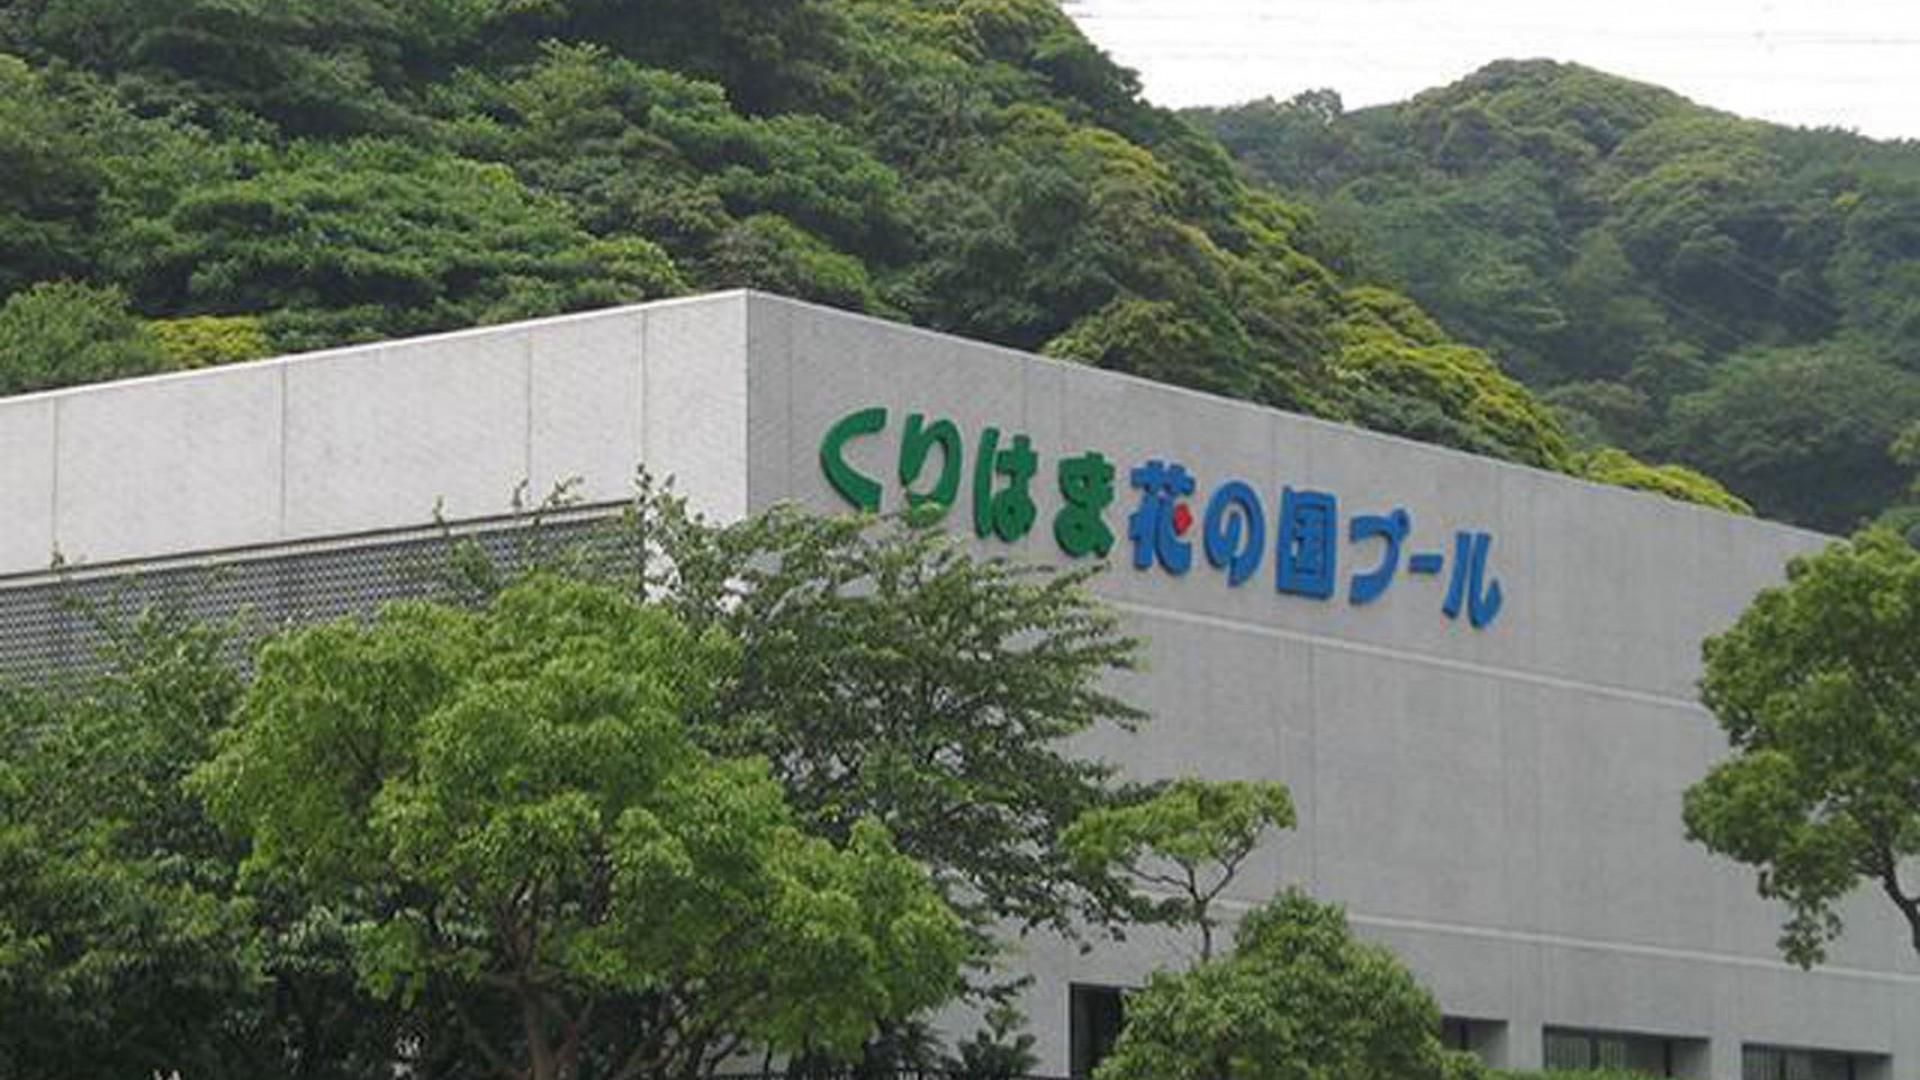 久里滨花之国泳池